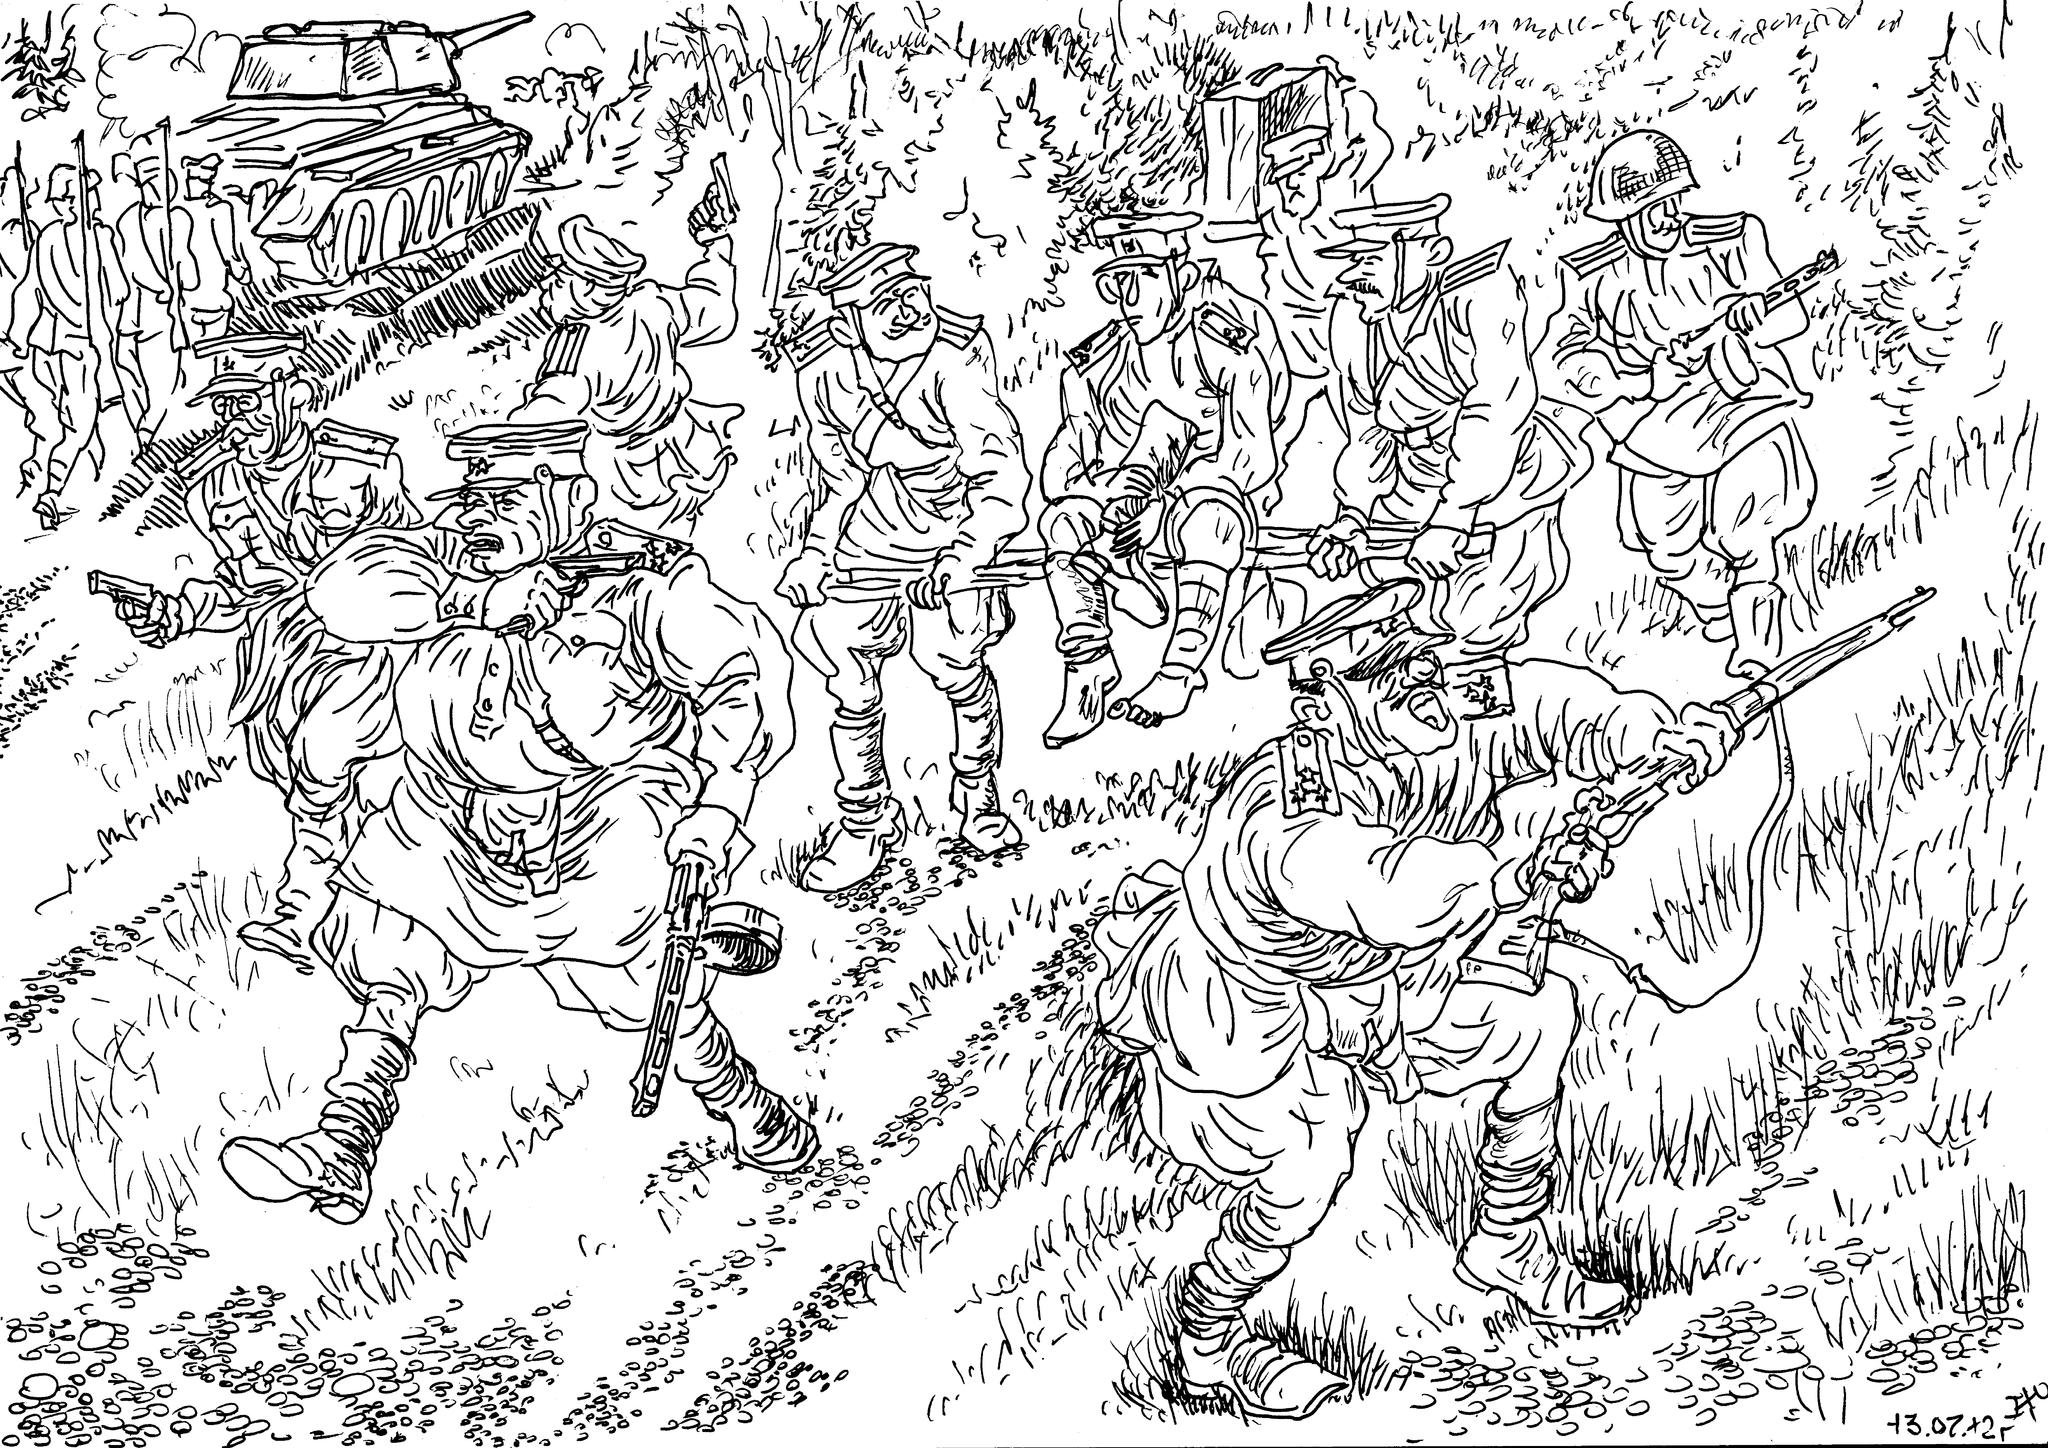 Работники органов выносят в тыл своего начальника, якобы раненего в бою, хотя все его подчинённые знают, что он уронил на ногу пресс-папье